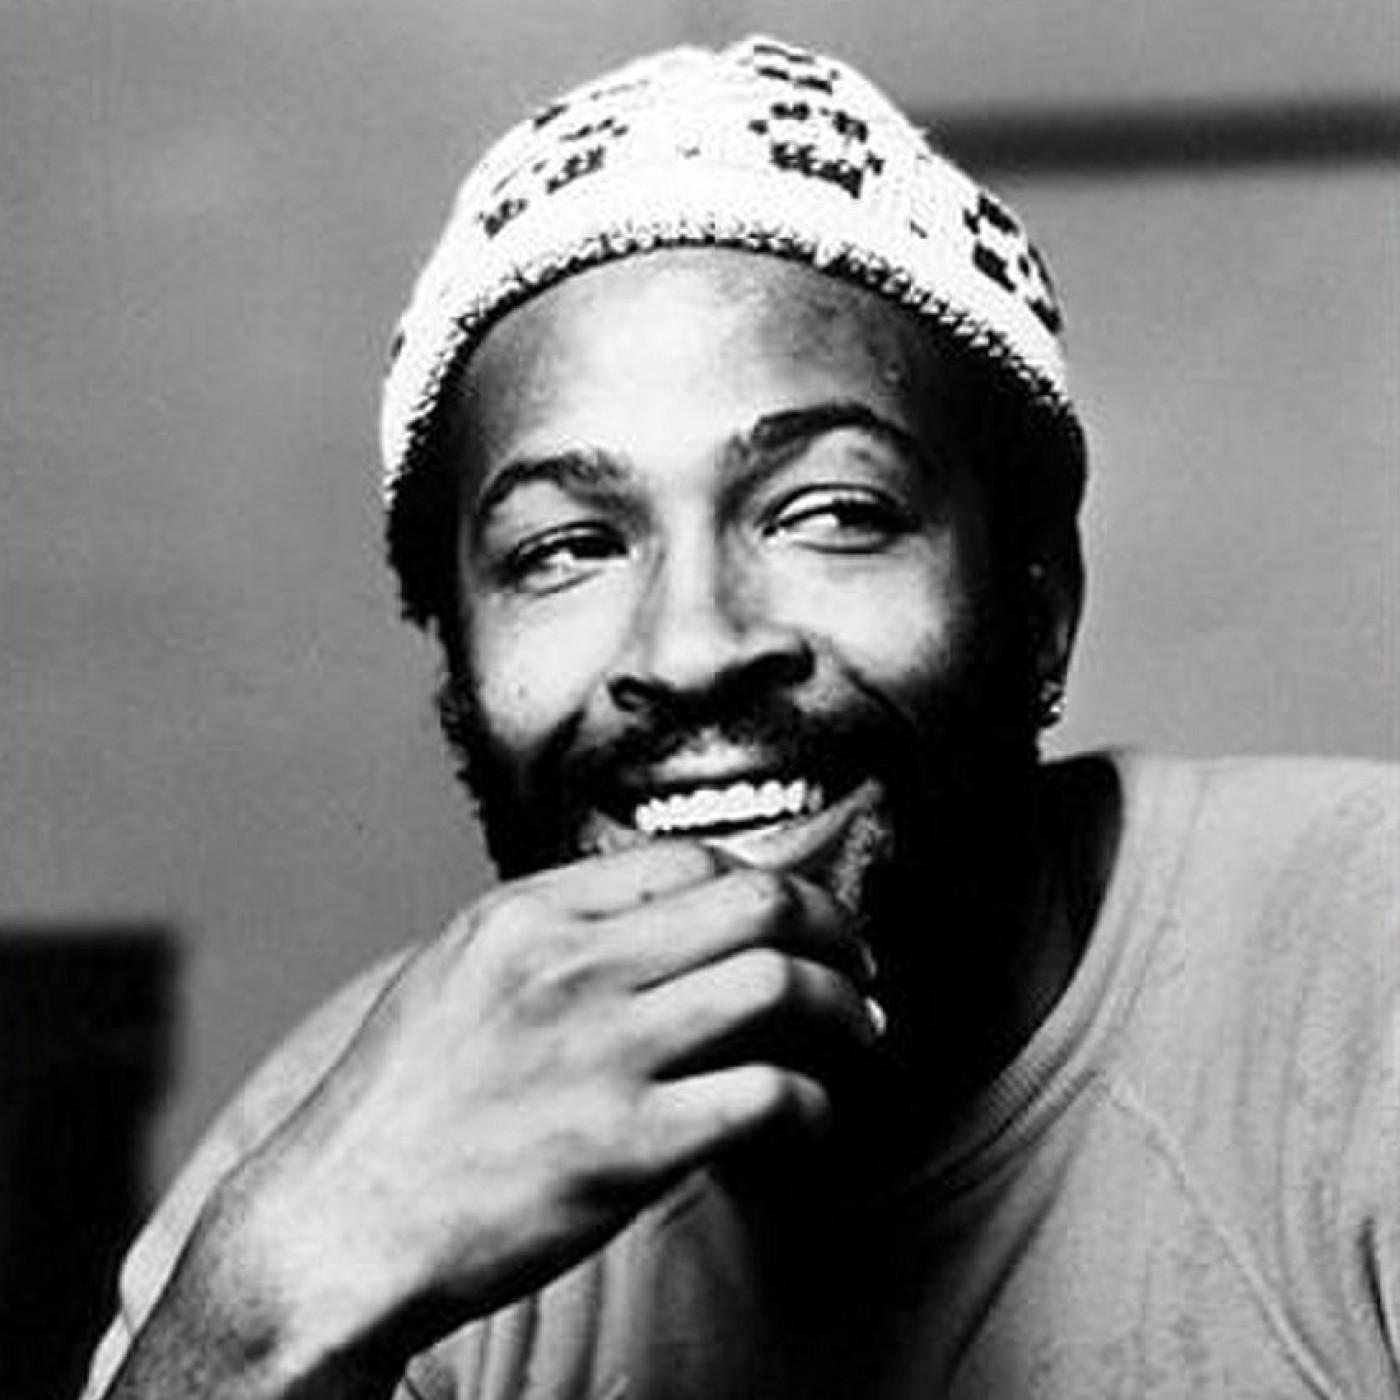 Des Racines et Déelle - Marvin Gaye, le prince de la Motown (27/01/20)